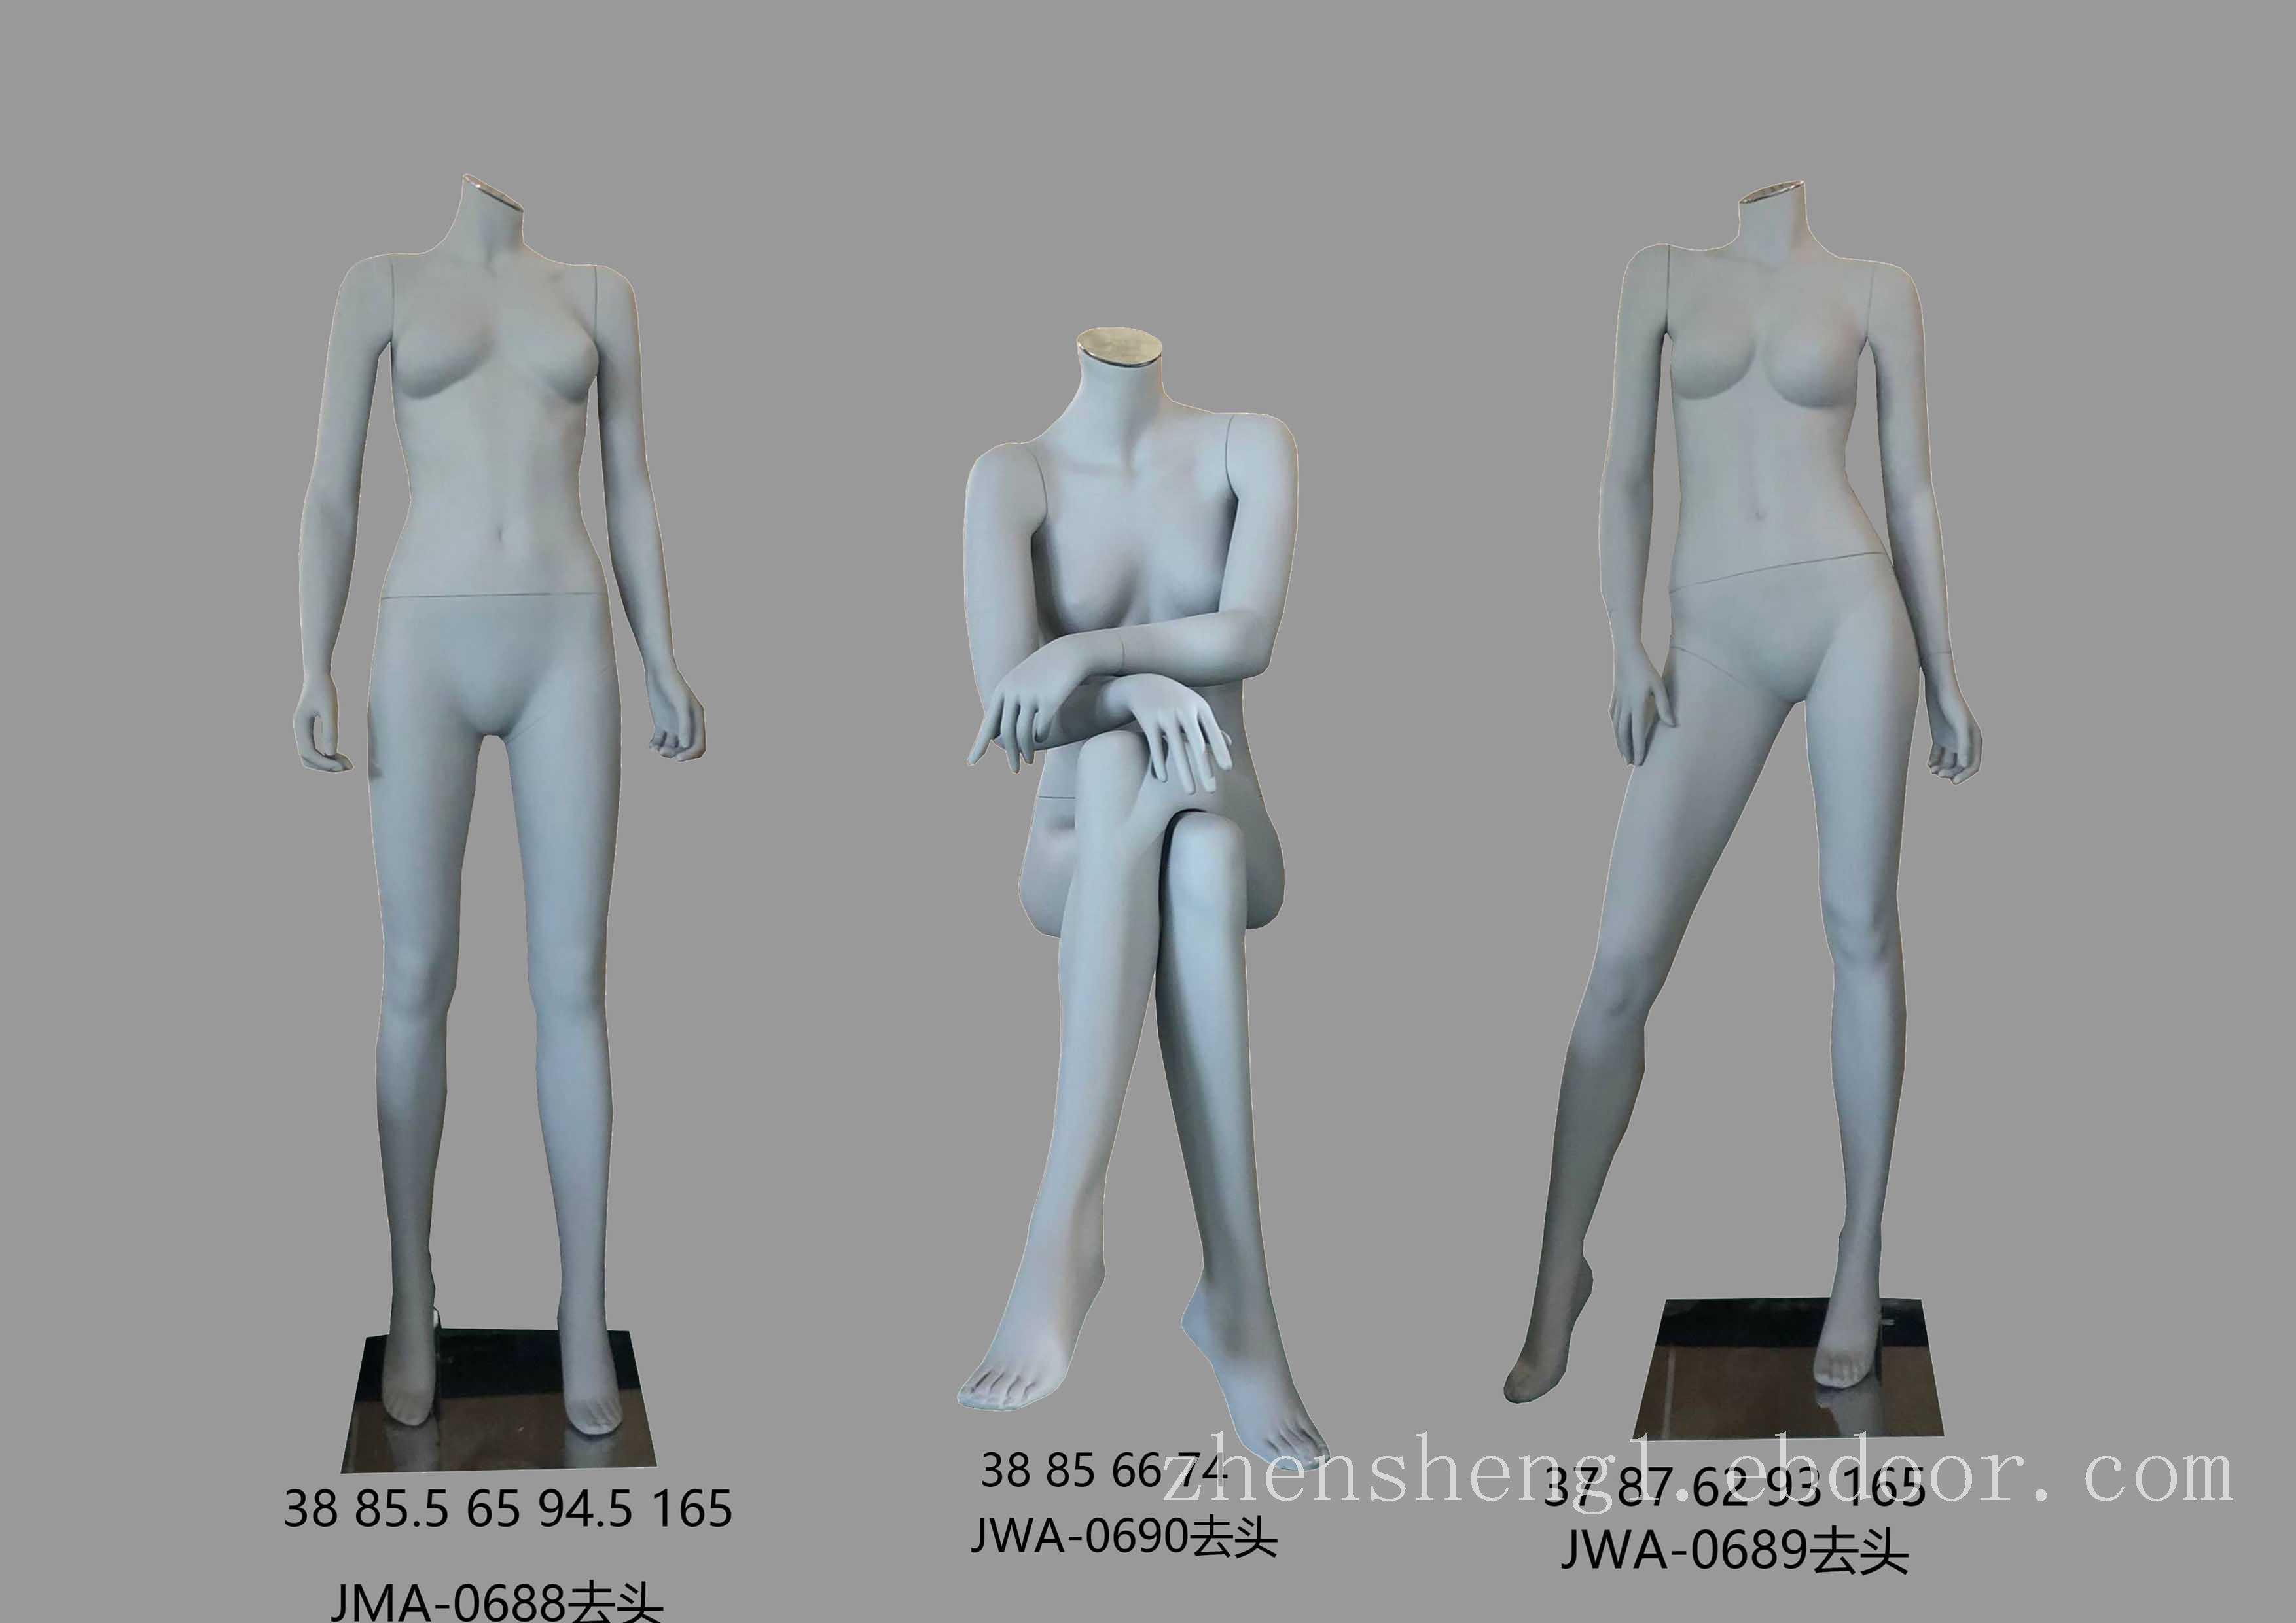 上海服装展示道具批发_上海高档男女坐模型_fld女无头组合模特